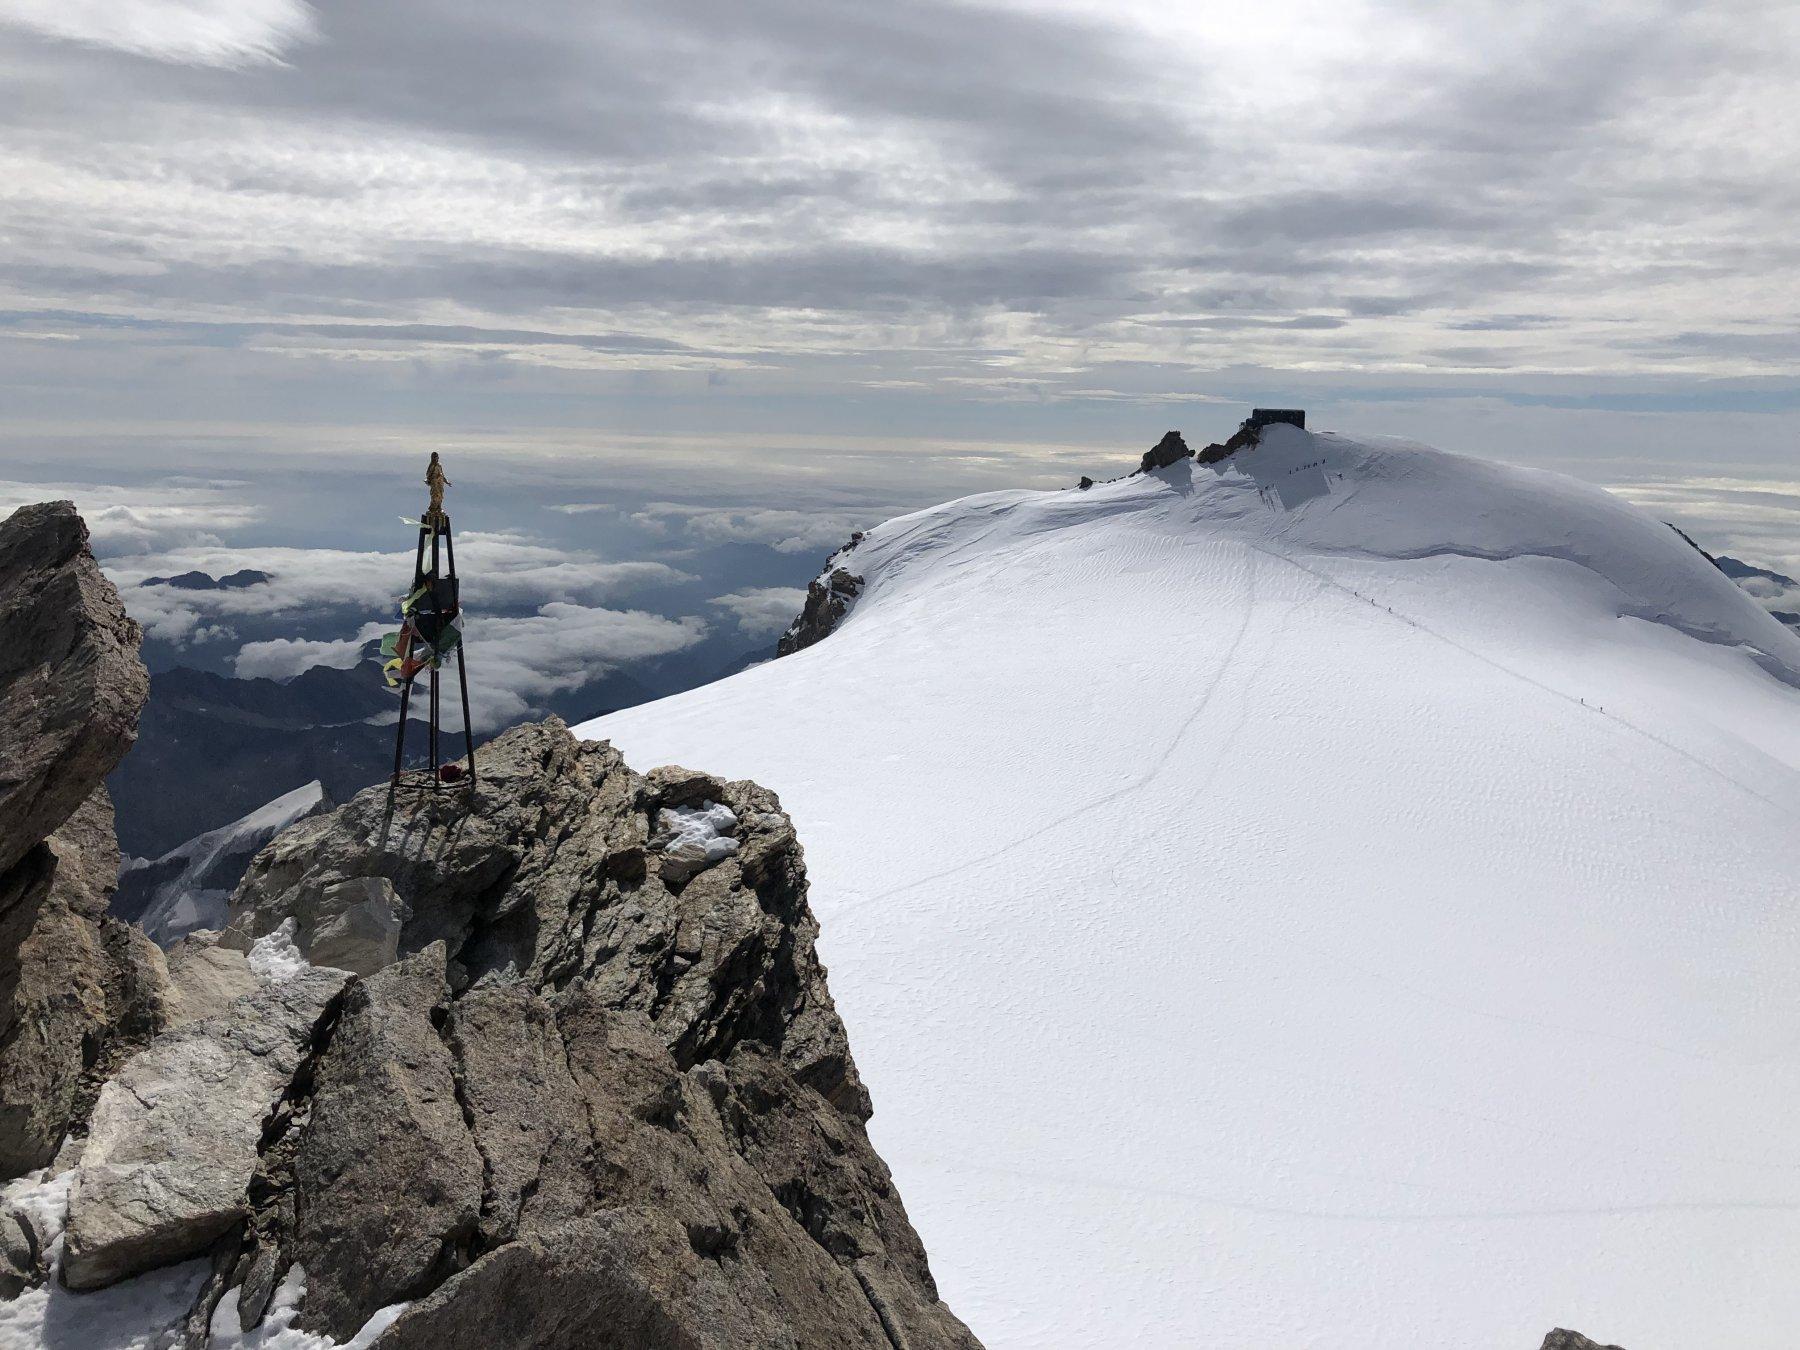 Gran vista sul Colle Gniffetti e sulla Capanna Margherita dalla cima